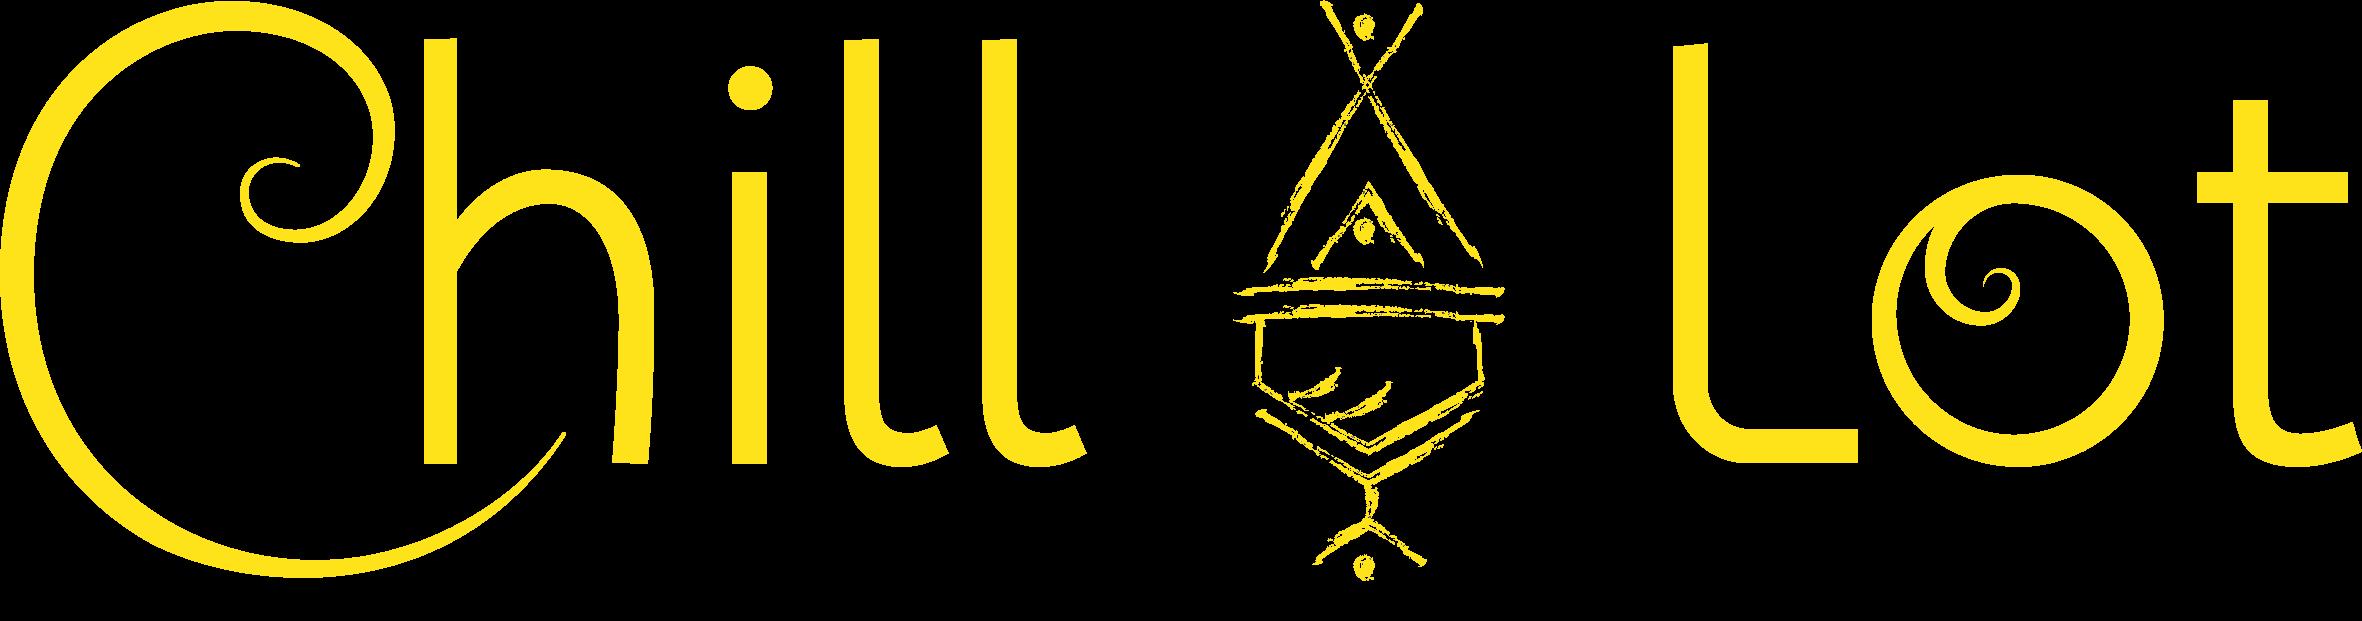 Chill-Lot